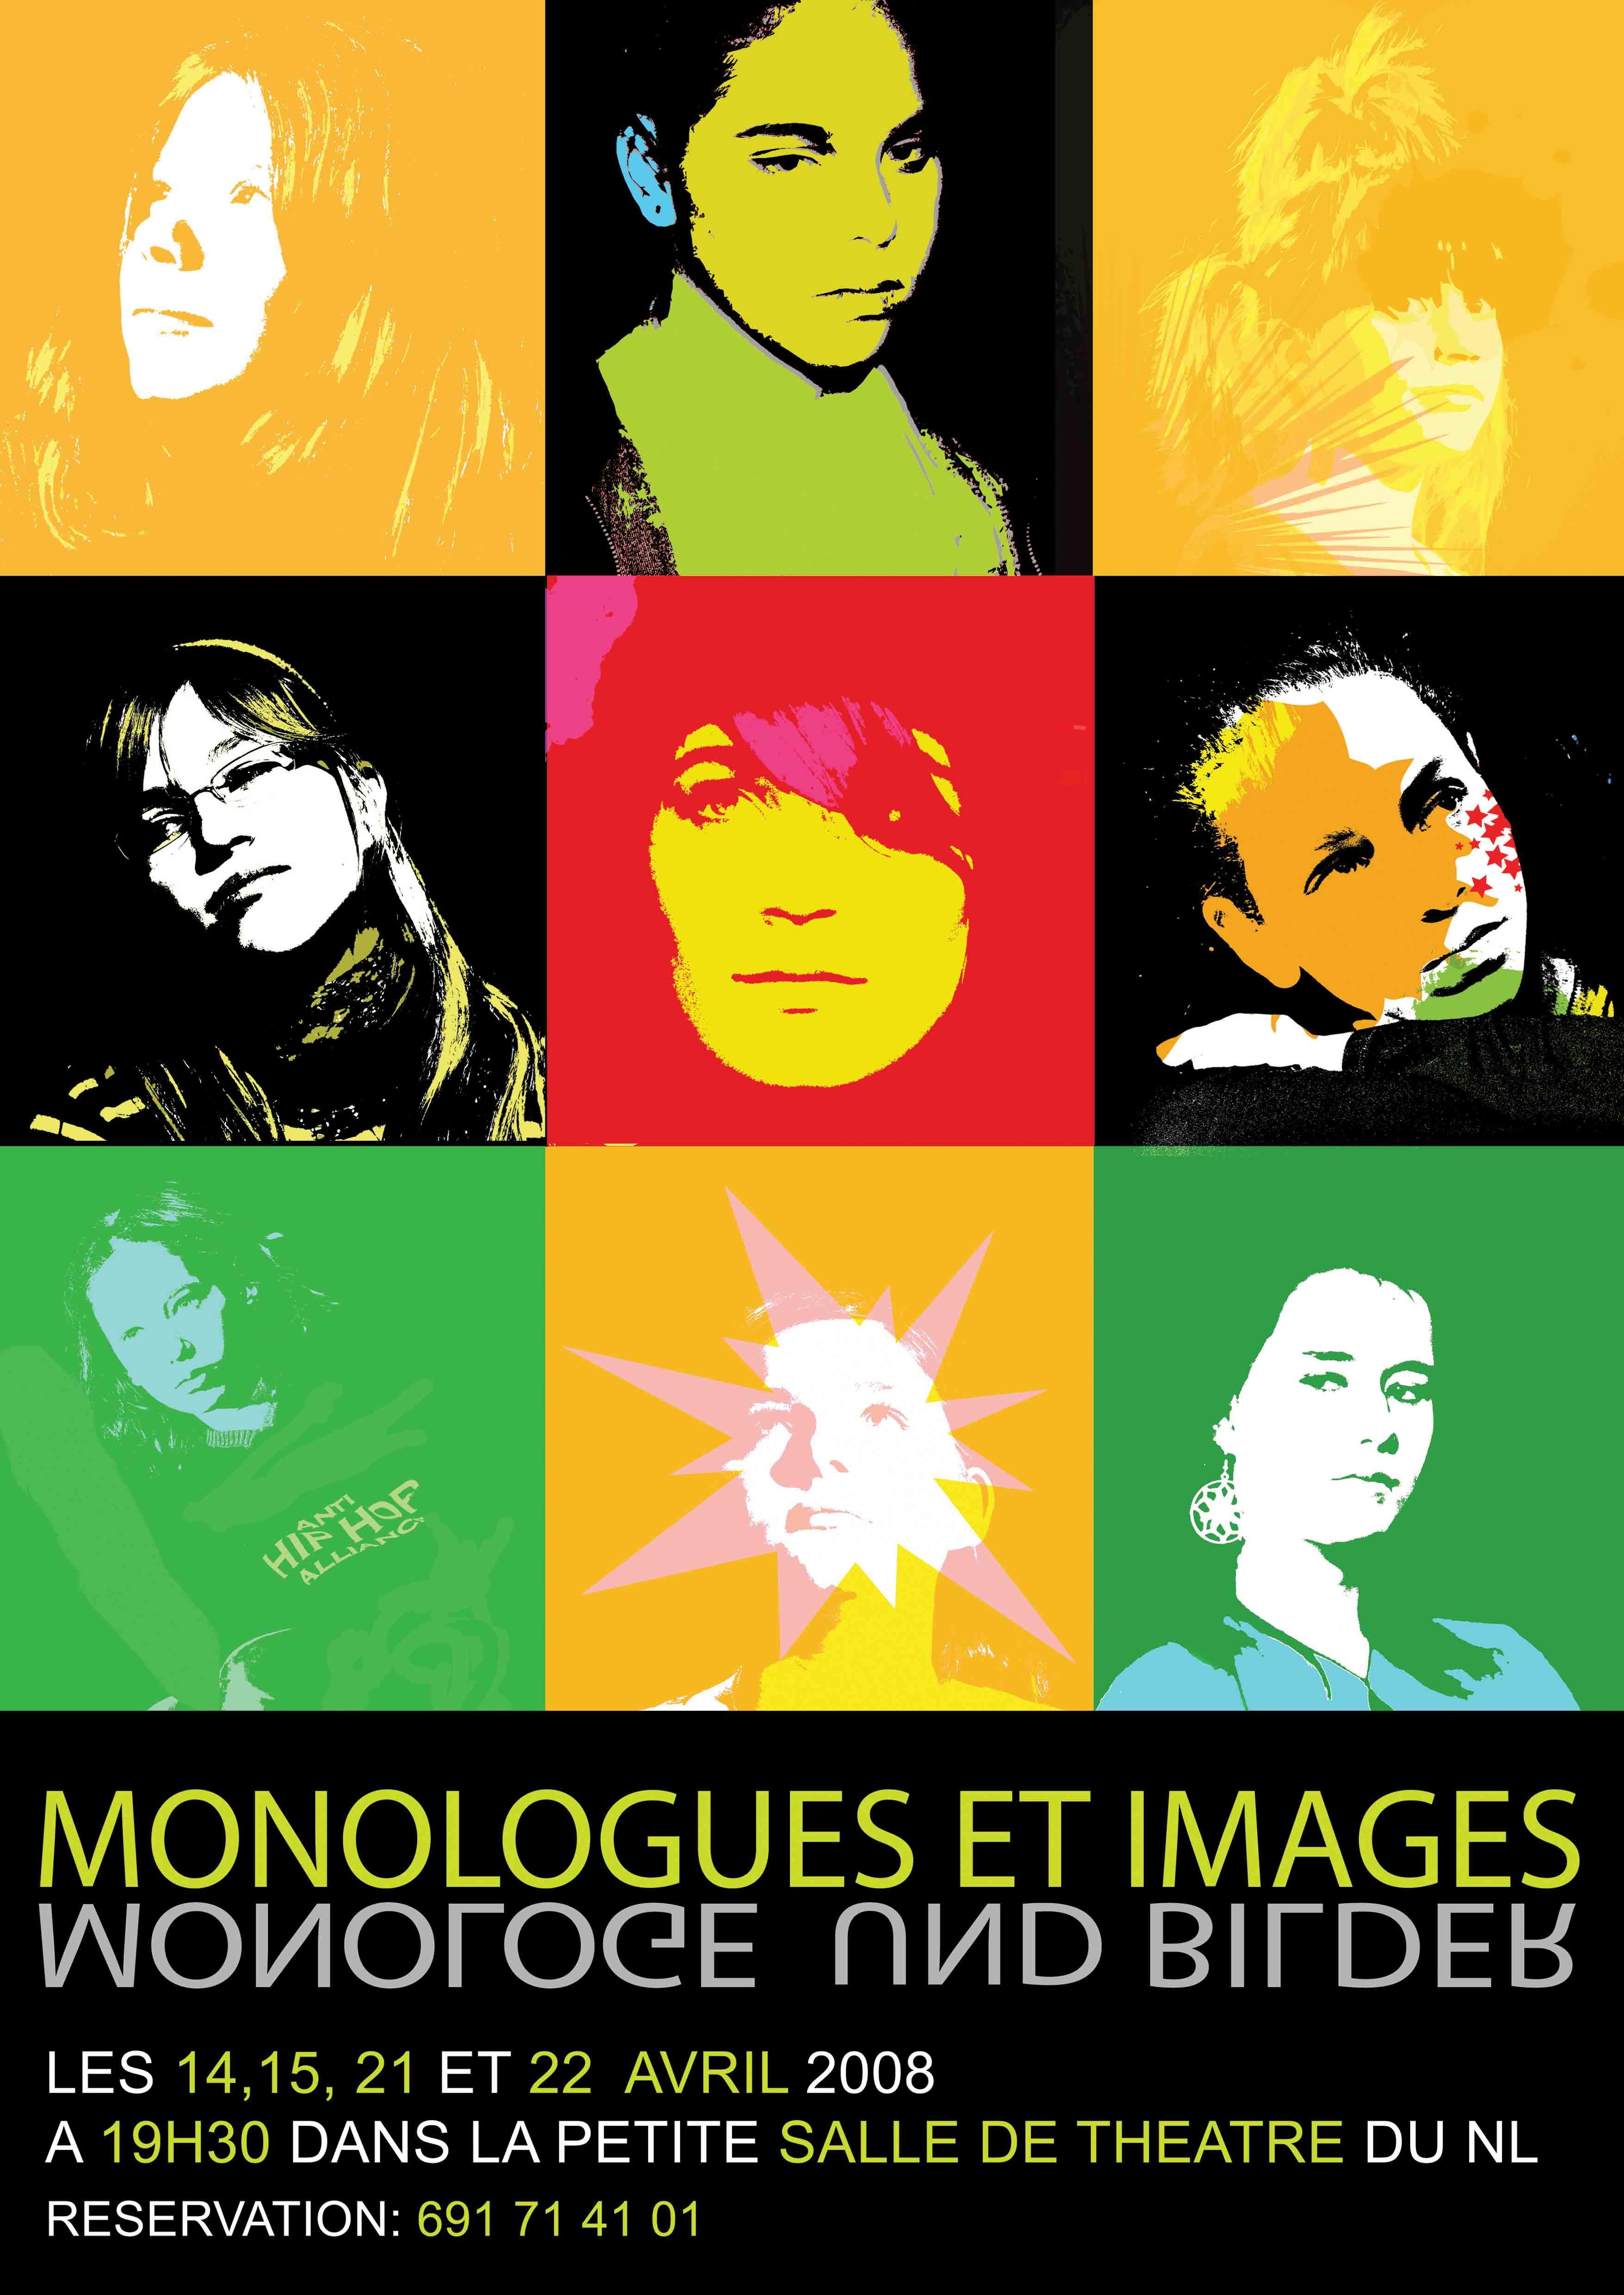 2008 monologues et images.jpg